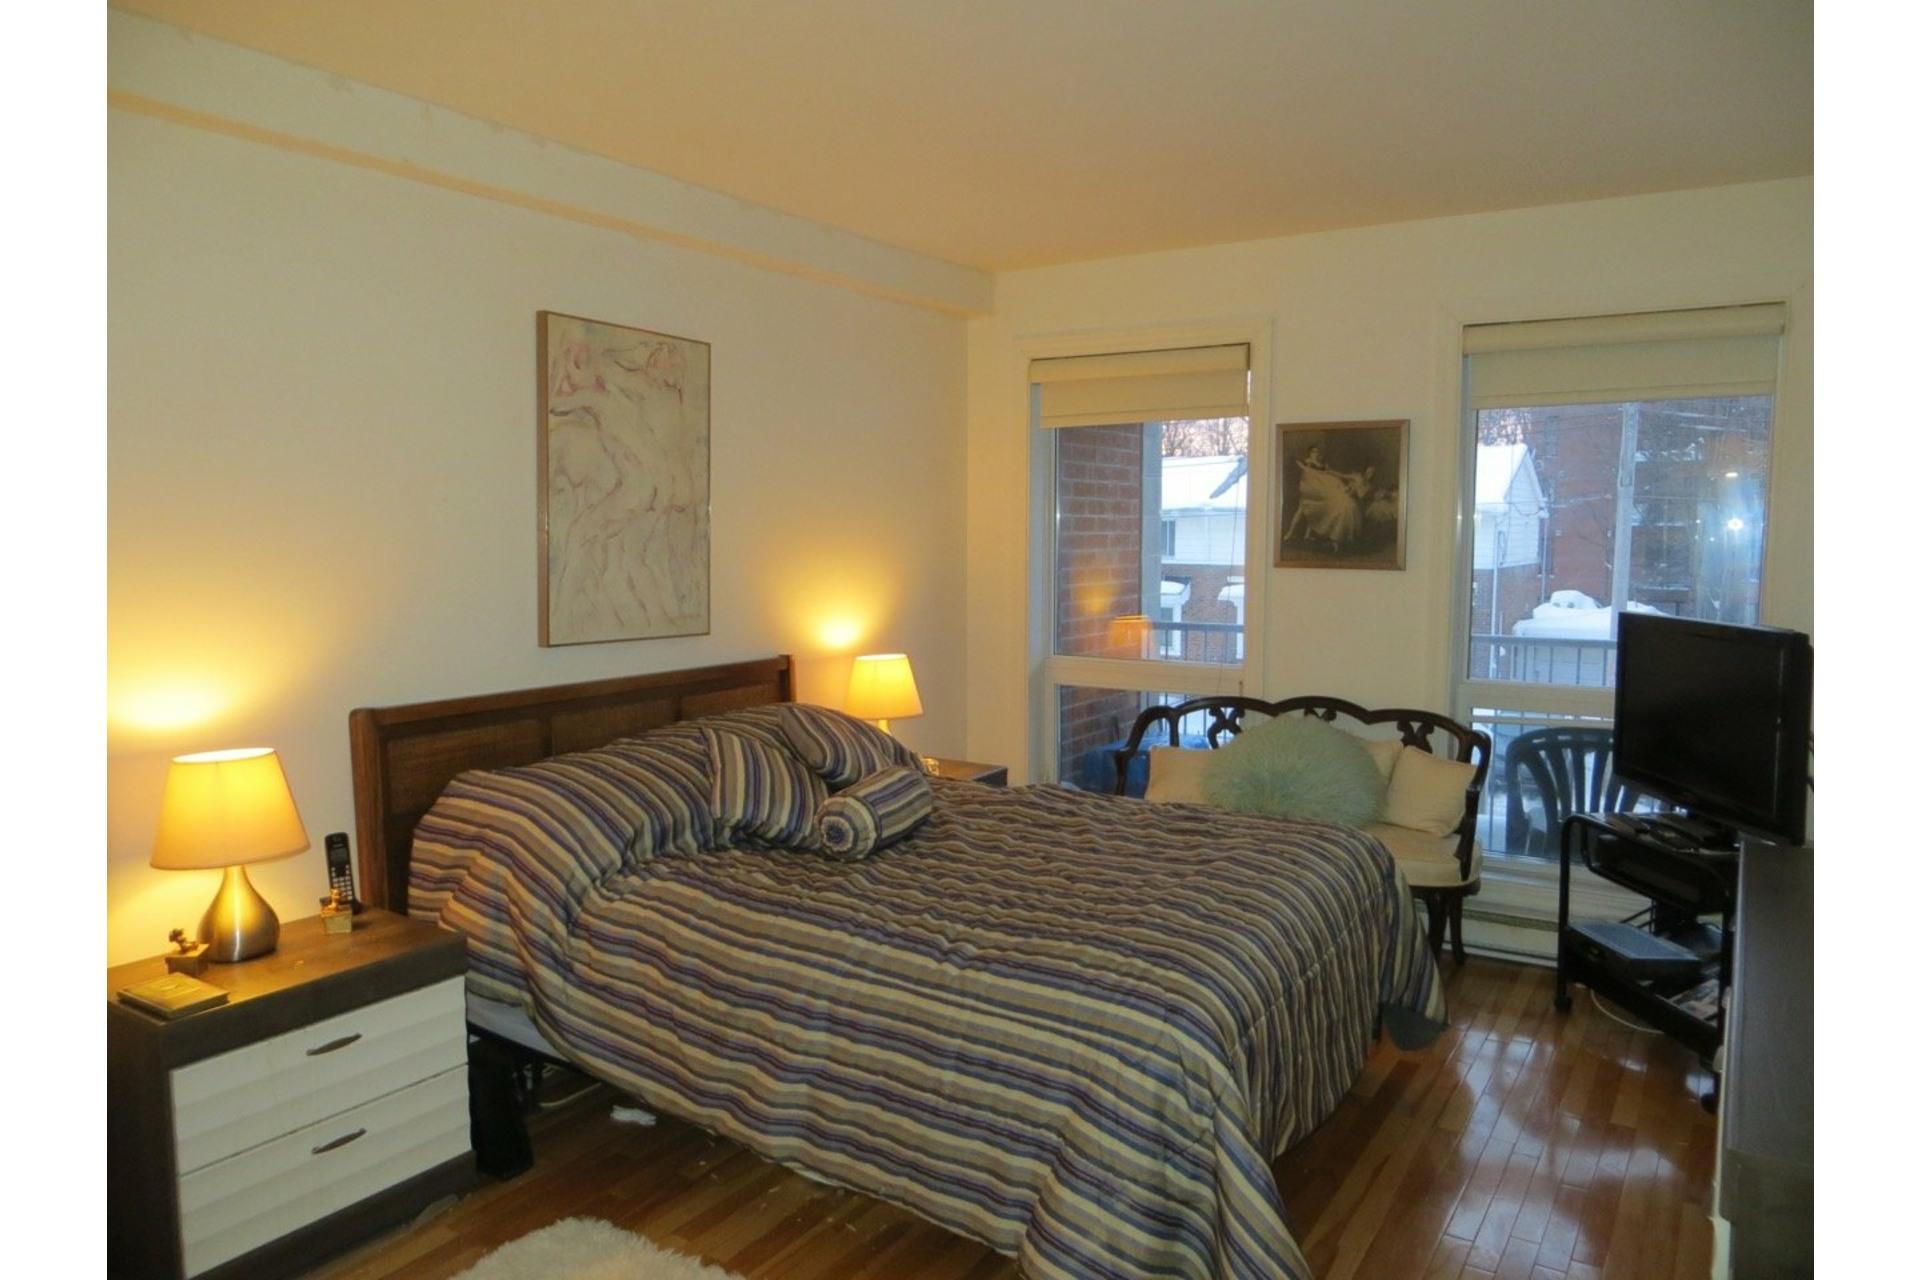 image 18 - Appartement À vendre Côte-des-Neiges/Notre-Dame-de-Grâce Montréal  - 6 pièces